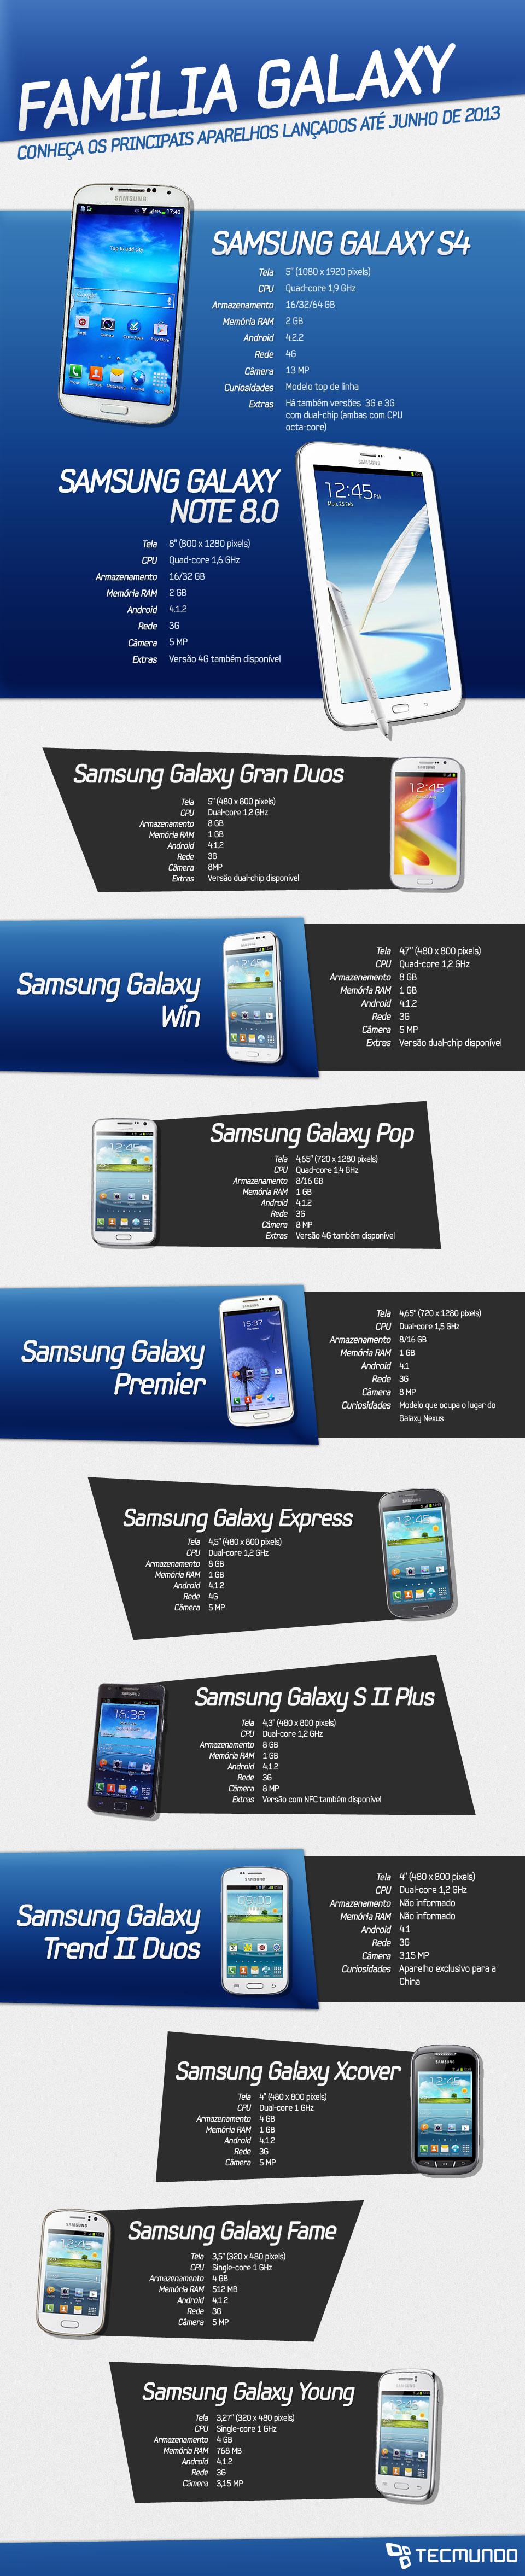 Conheça os aparelhos Samsung da linha Galaxy de 2013 [tabela]